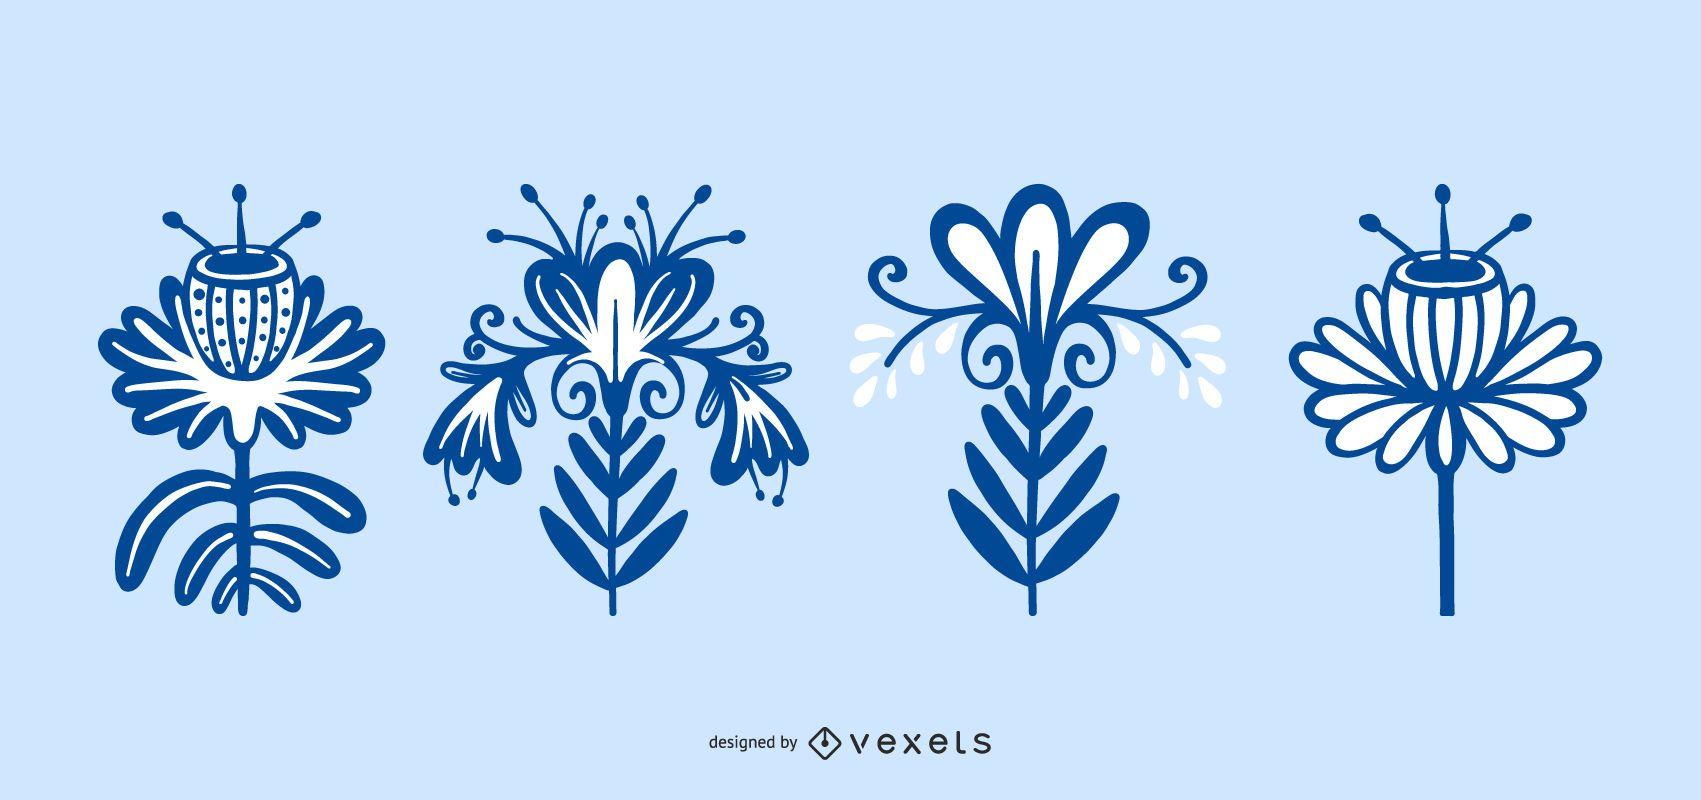 Scandinavian Folk Flower Collection